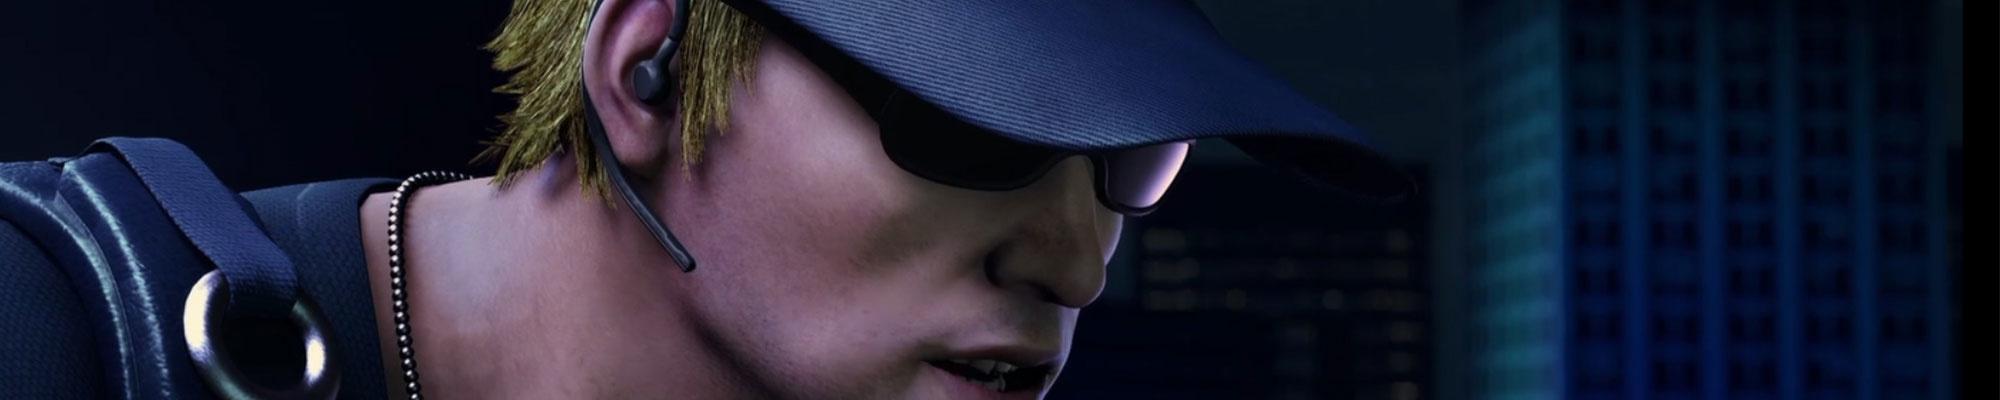 《拳皇》要出CG动画了